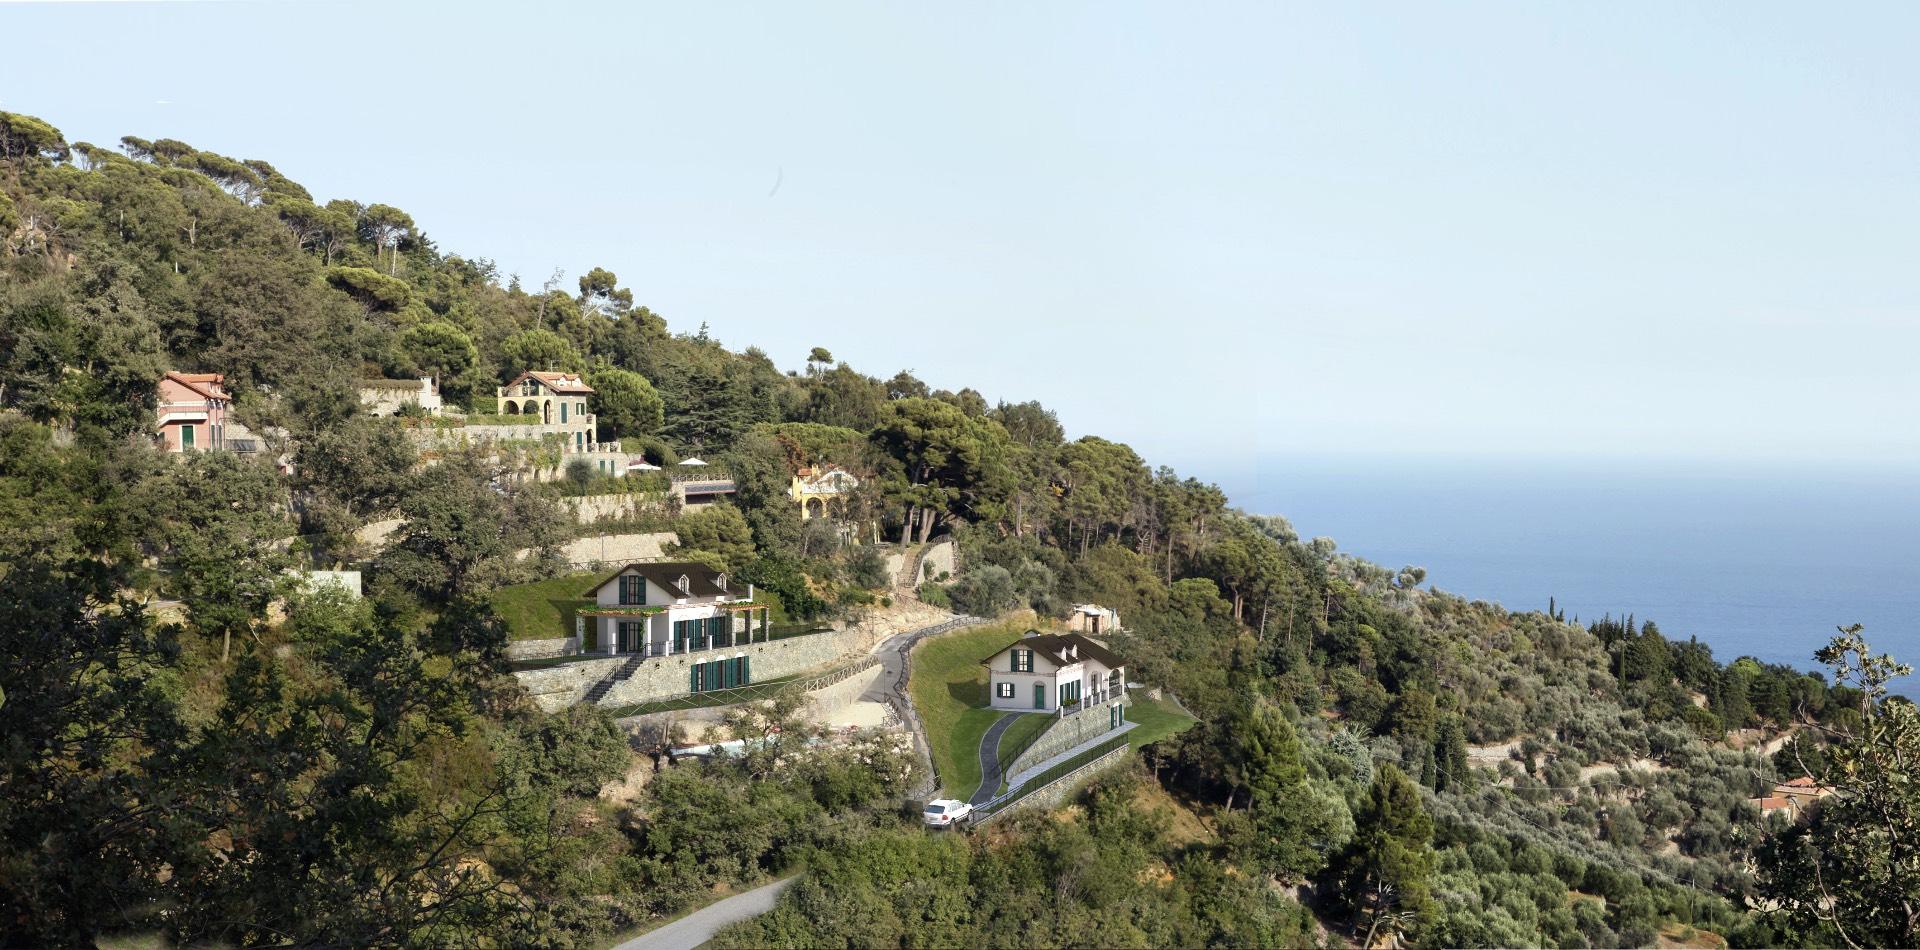 Villa in vendita a Alassio, 9999 locali, Trattative riservate   Cambio Casa.it